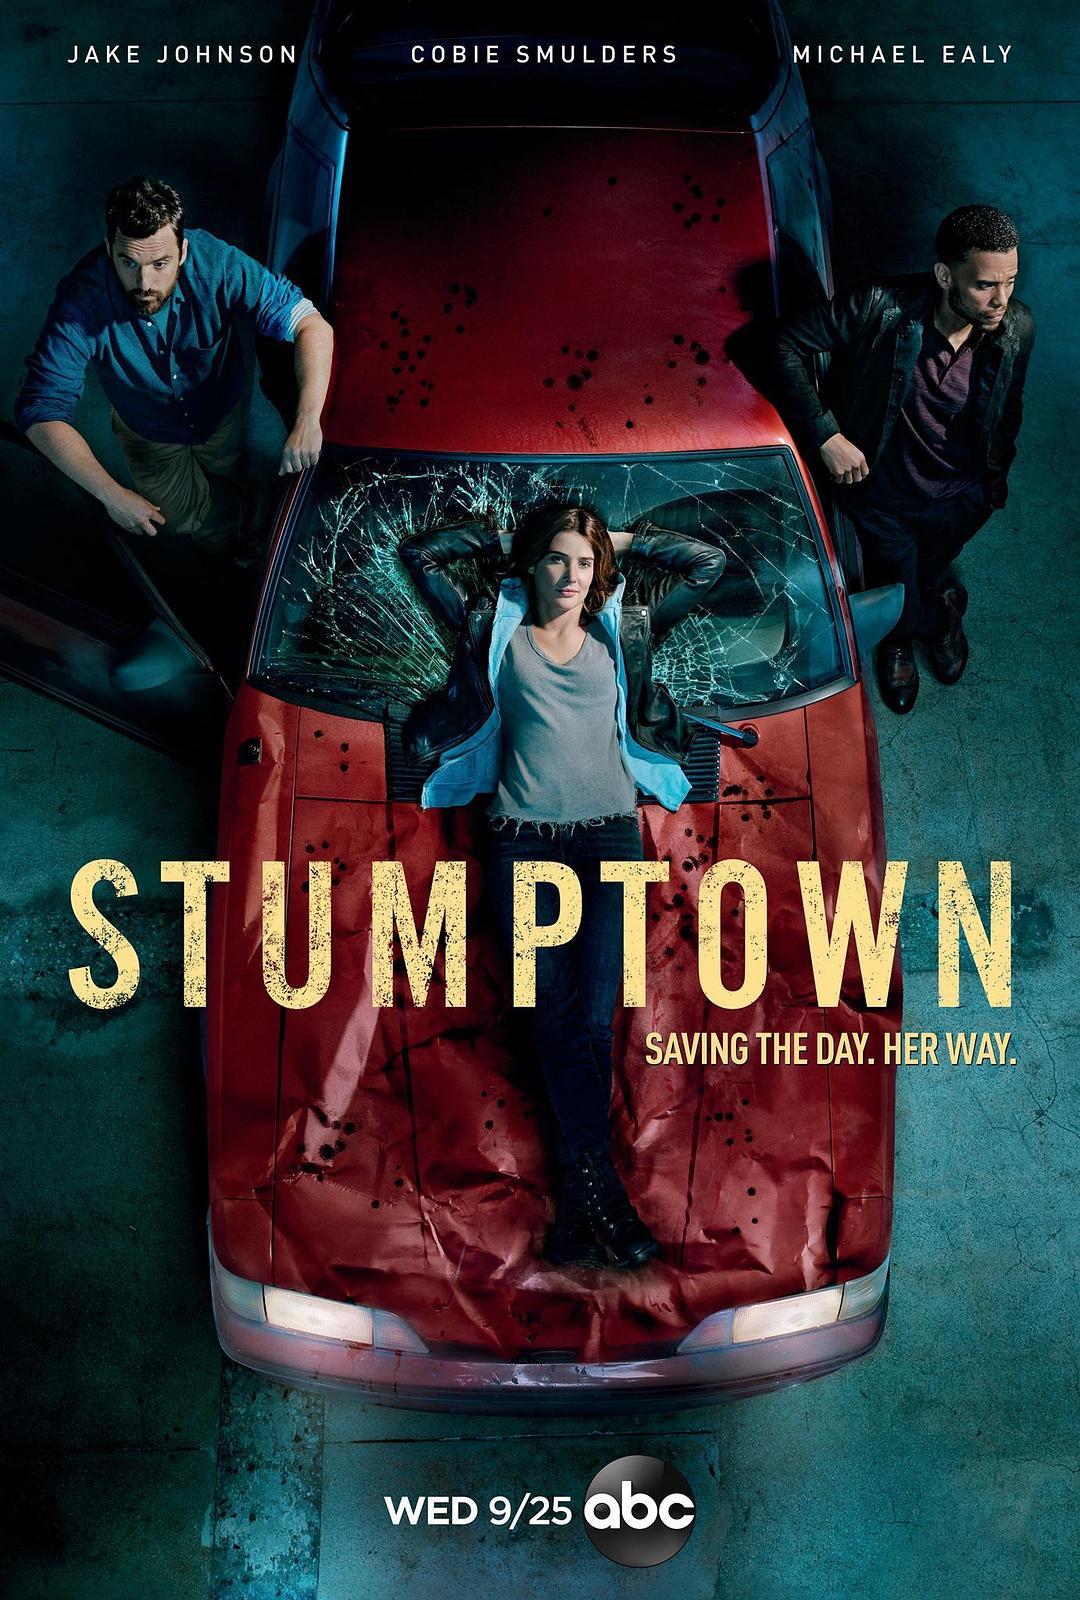 树墩城 Stumptown